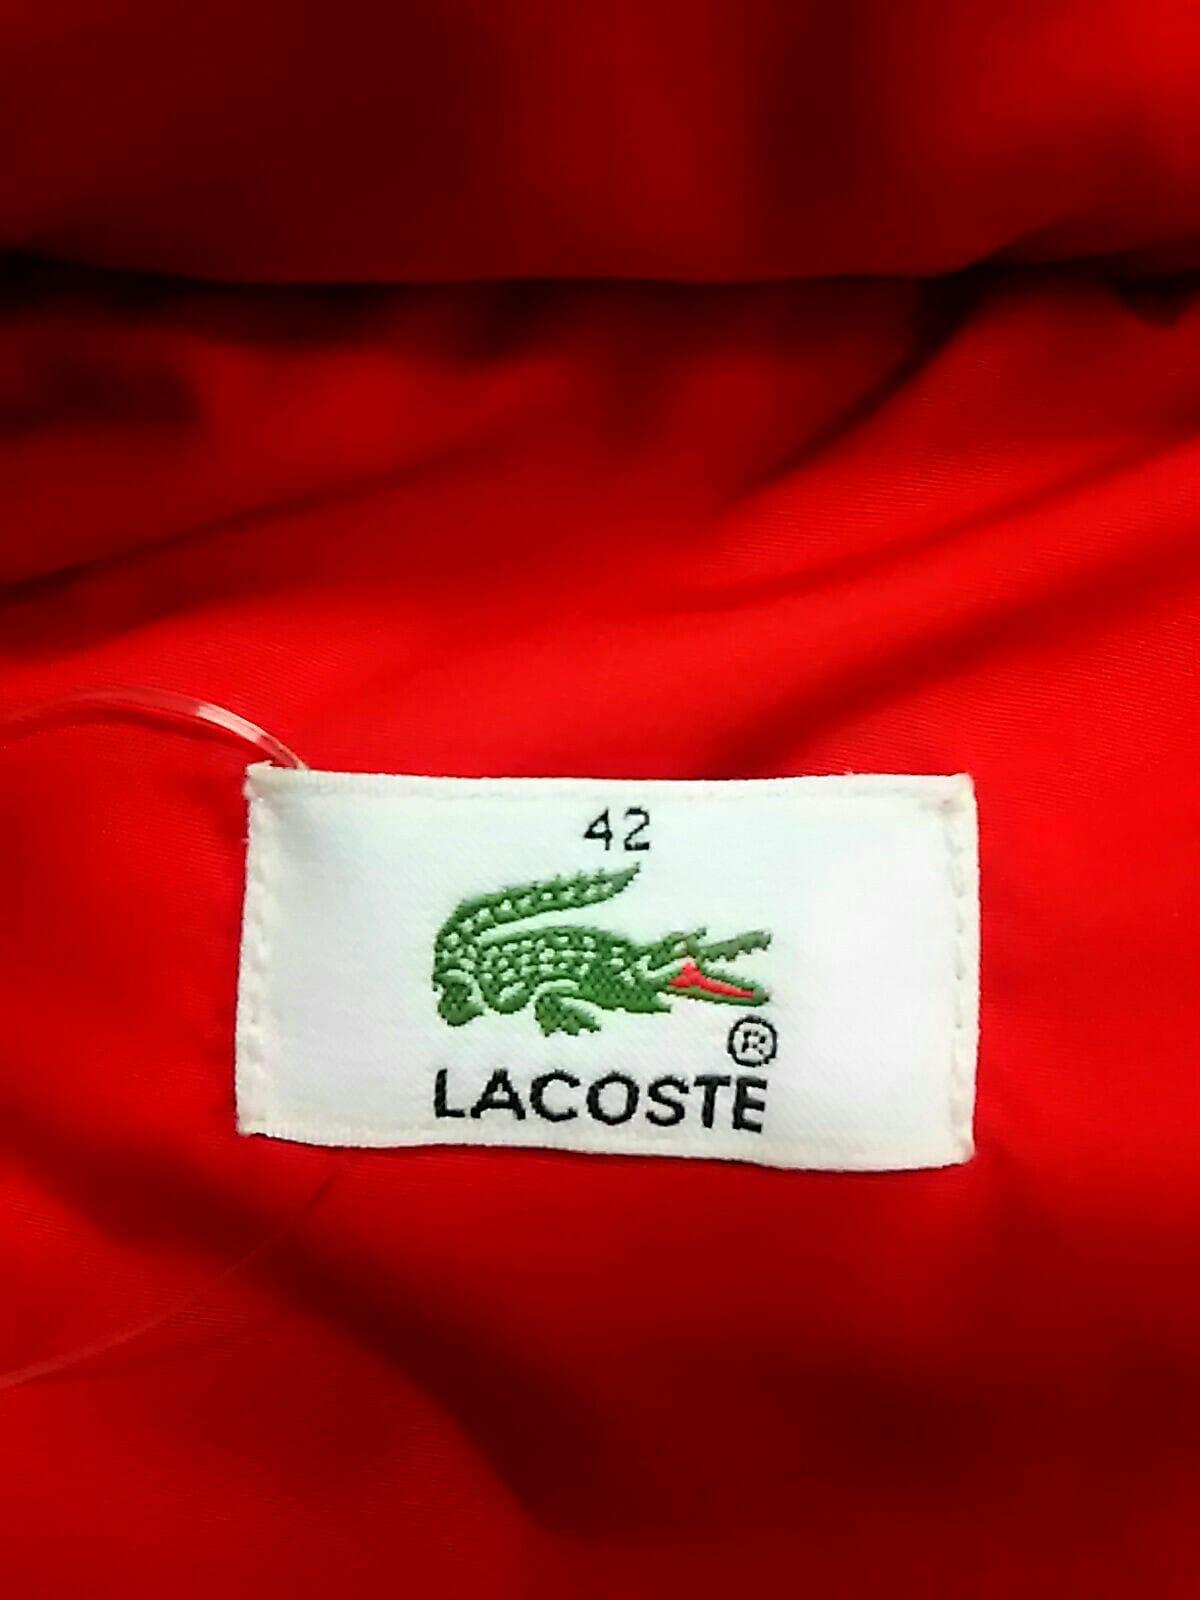 Lacoste(ラコステ)のダウンコート